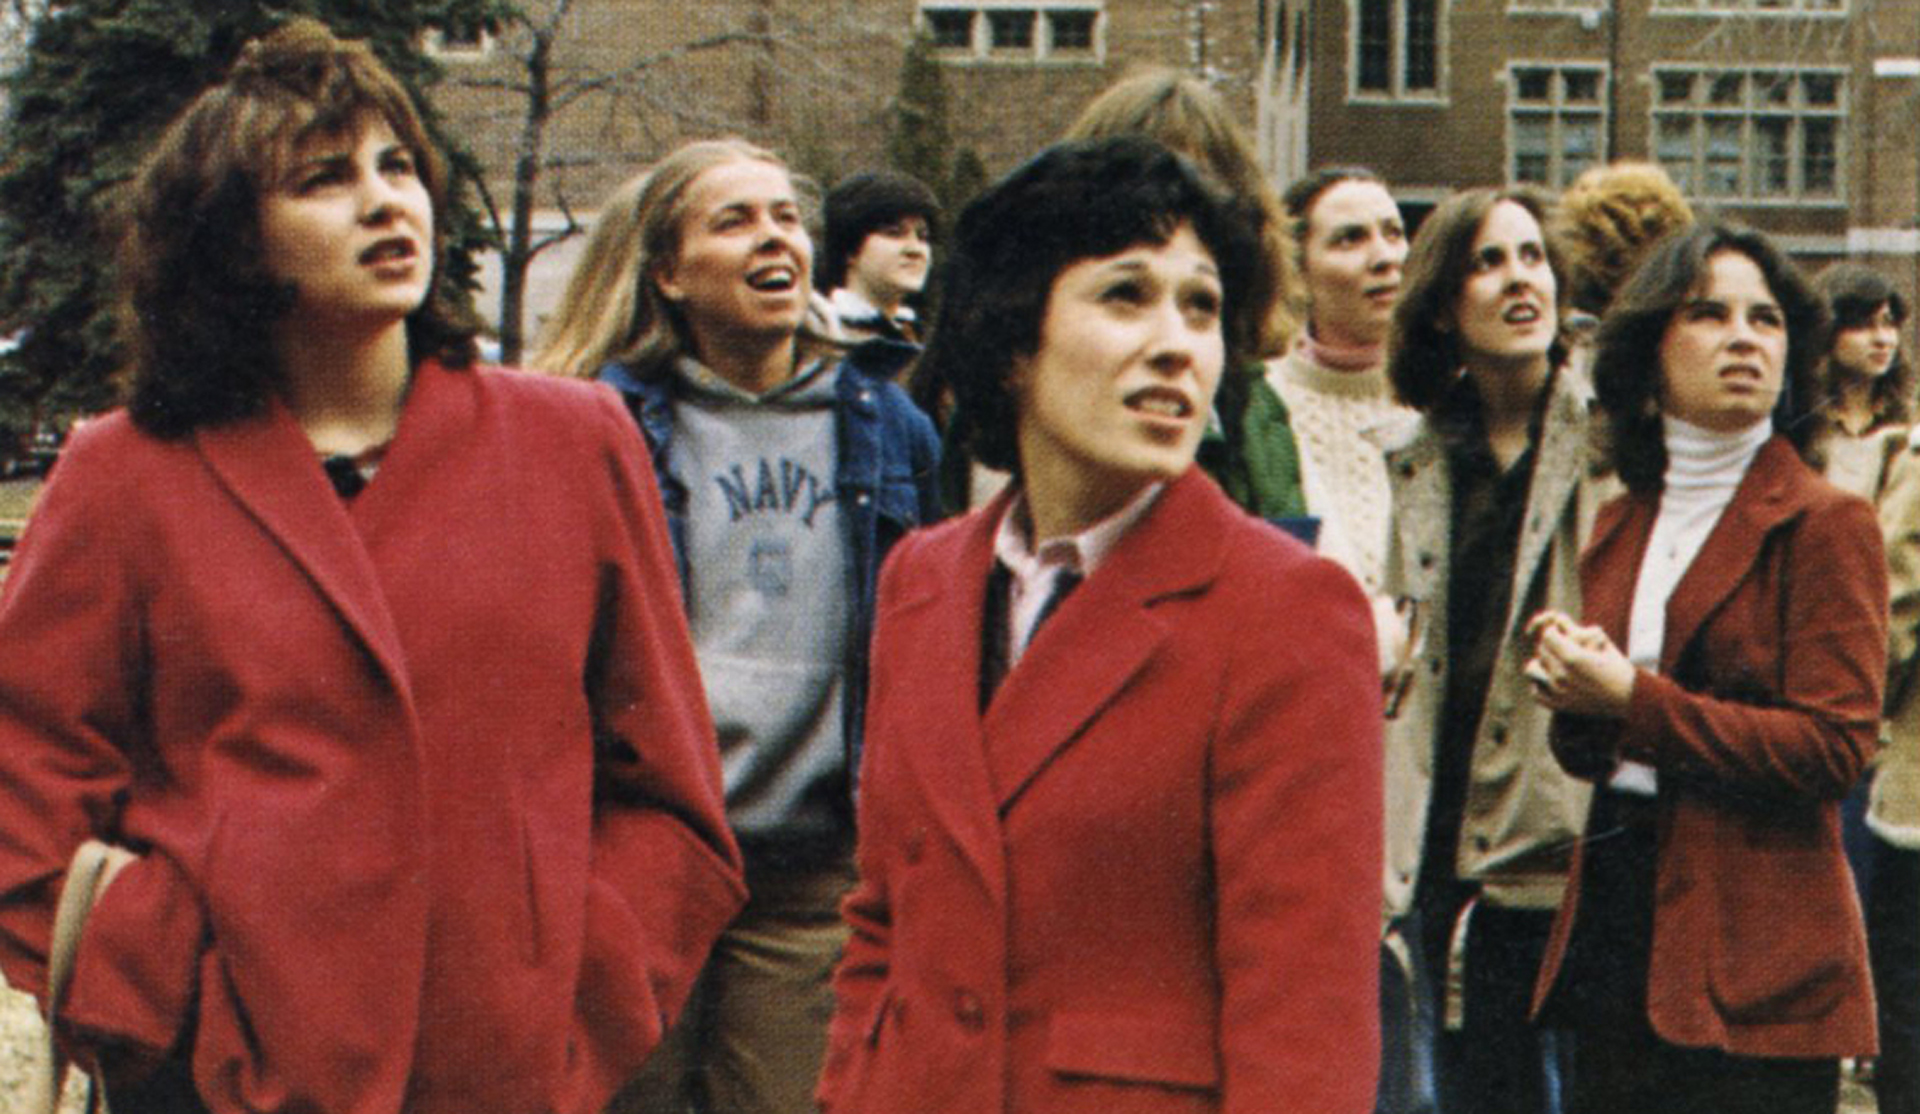 Emmanuel Students in Admin Quad, c. 1980